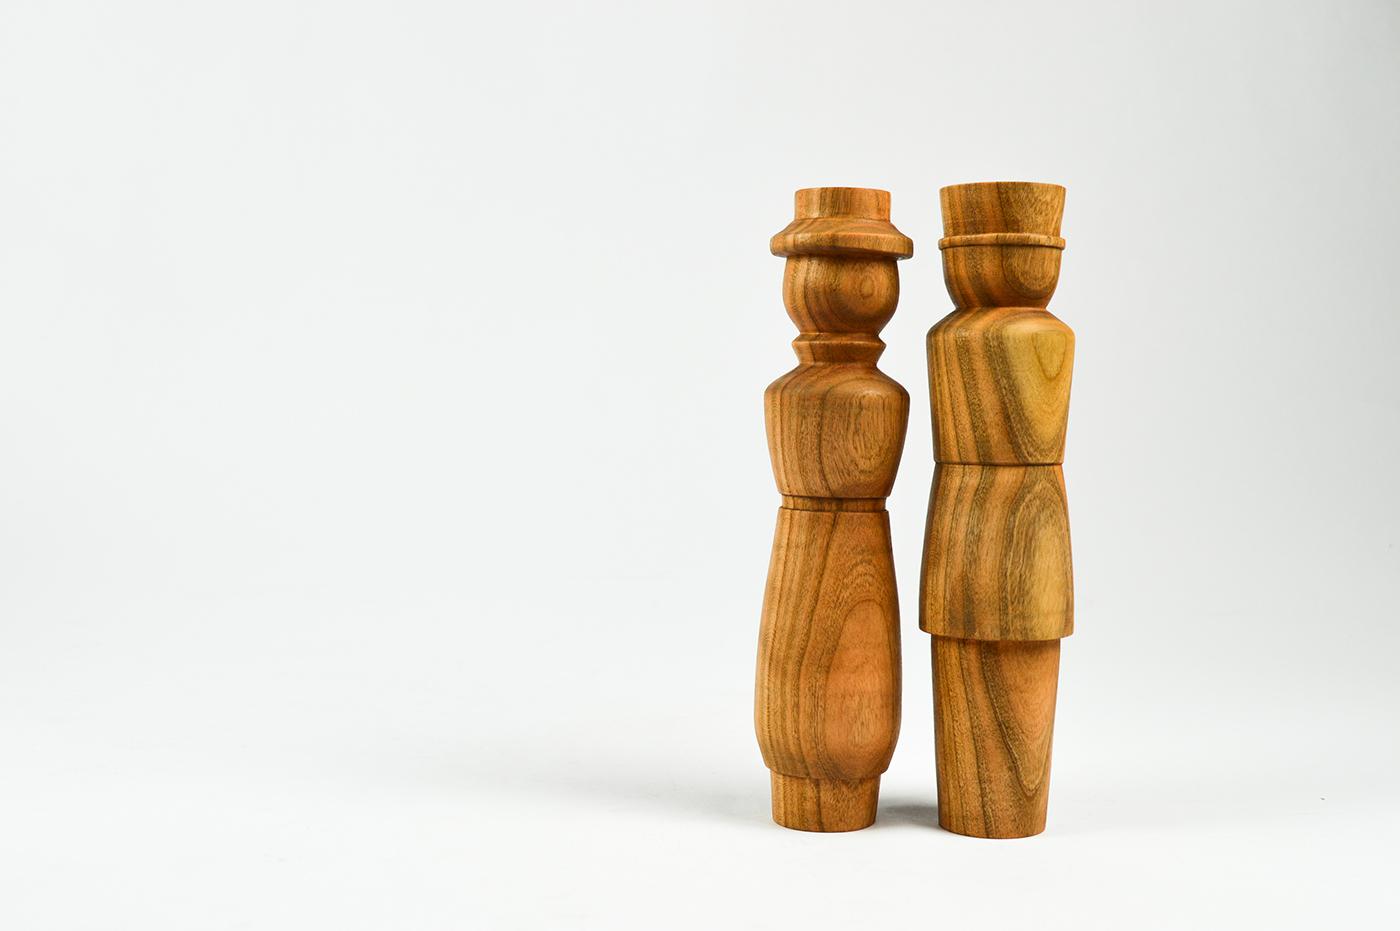 Wood I On Behance